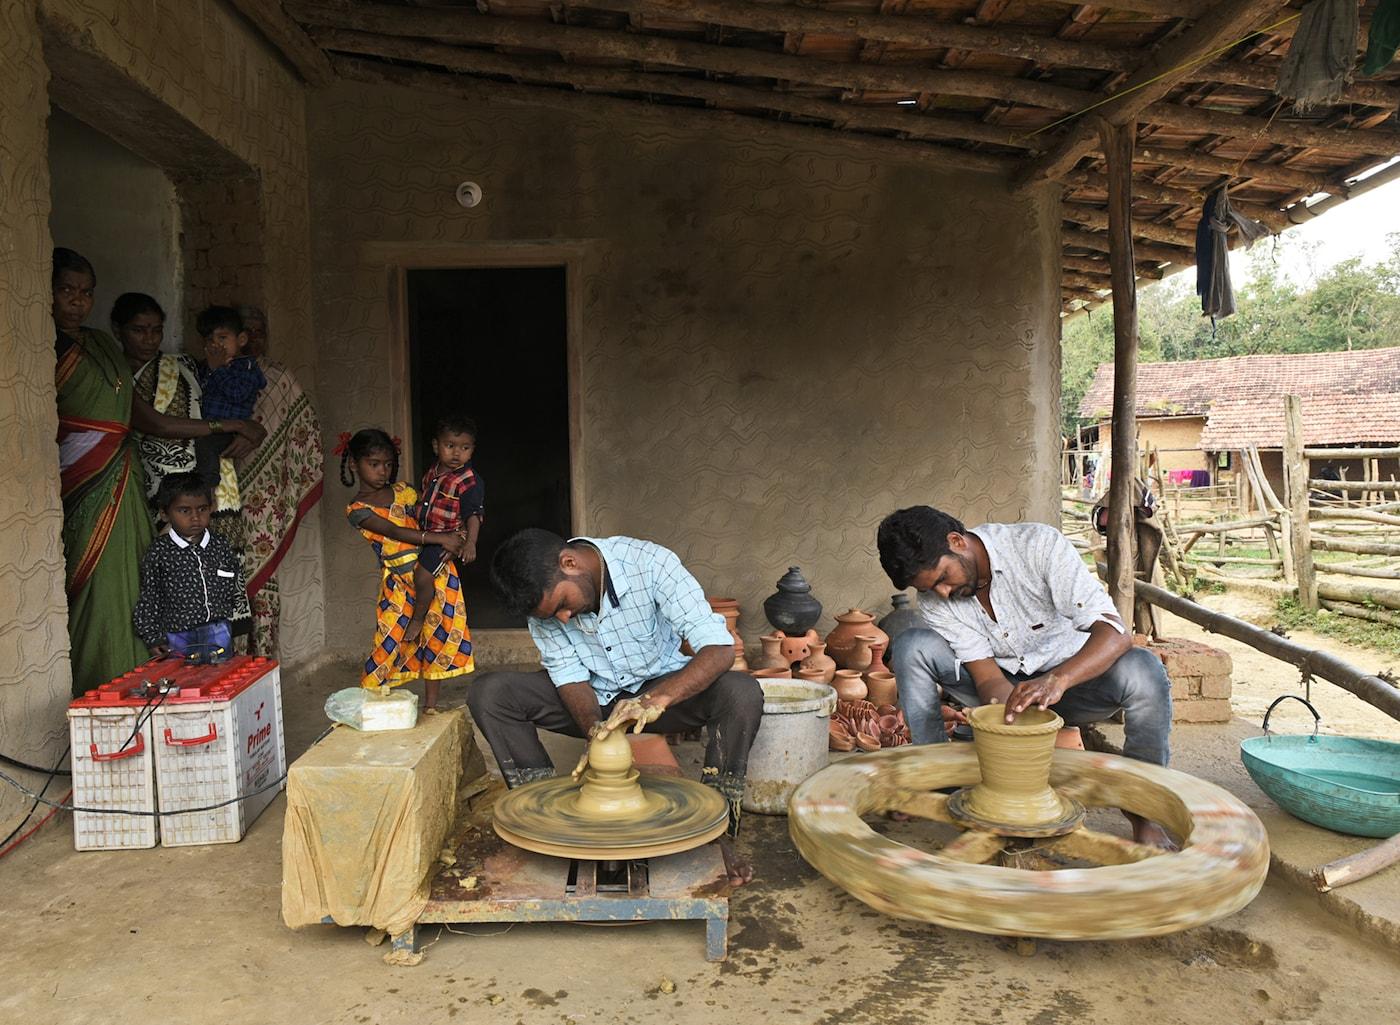 Dois oleiros indianos a trabalhar nas rodas de olaria enquanto são observados por outros habitantes da aldeia.